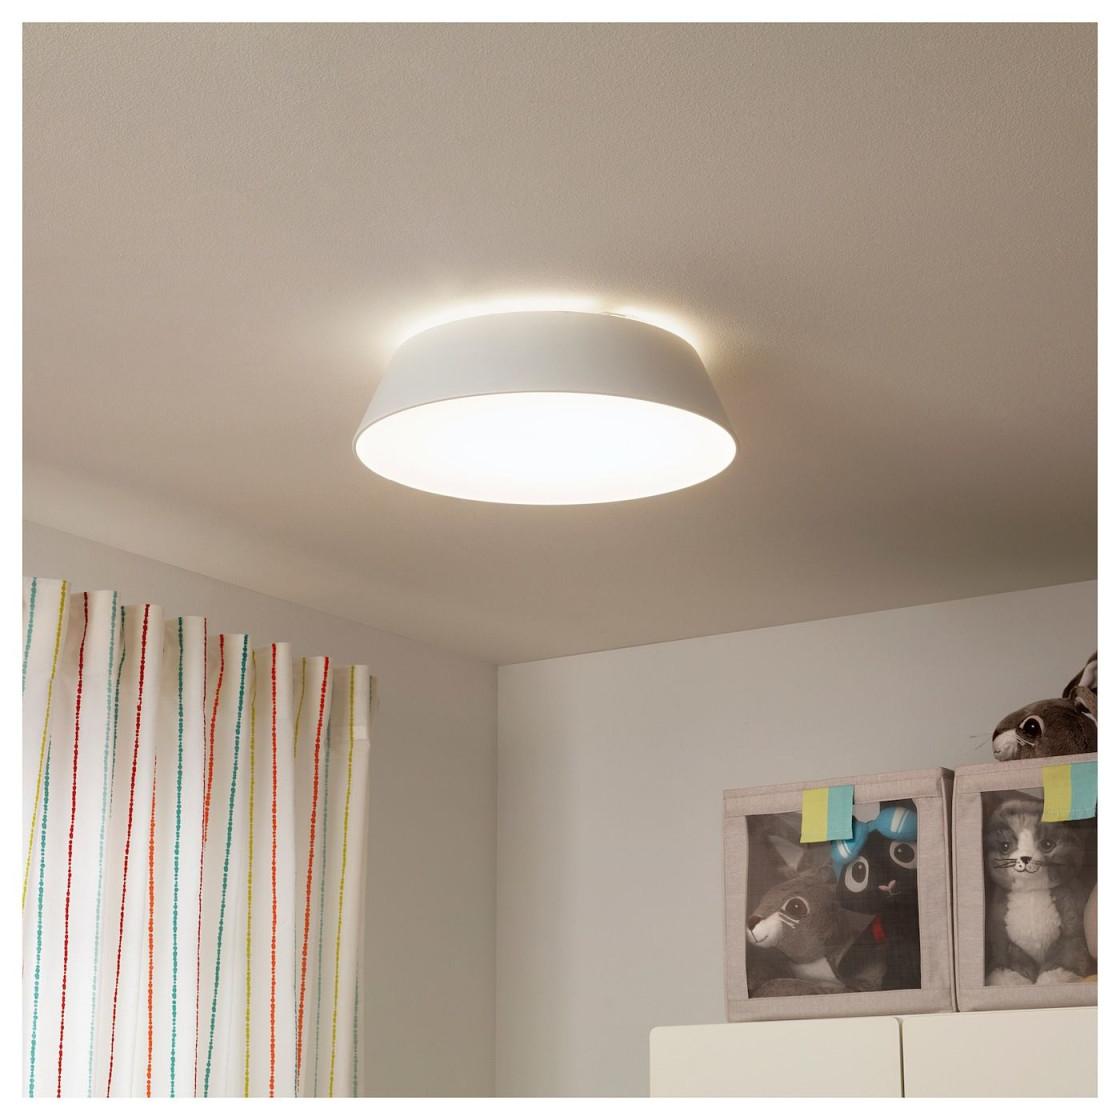 Ikea Fubbla Deckenleuchte Led  Deckenlampe Beleuchtung von Ikea Deckenleuchte Wohnzimmer Photo